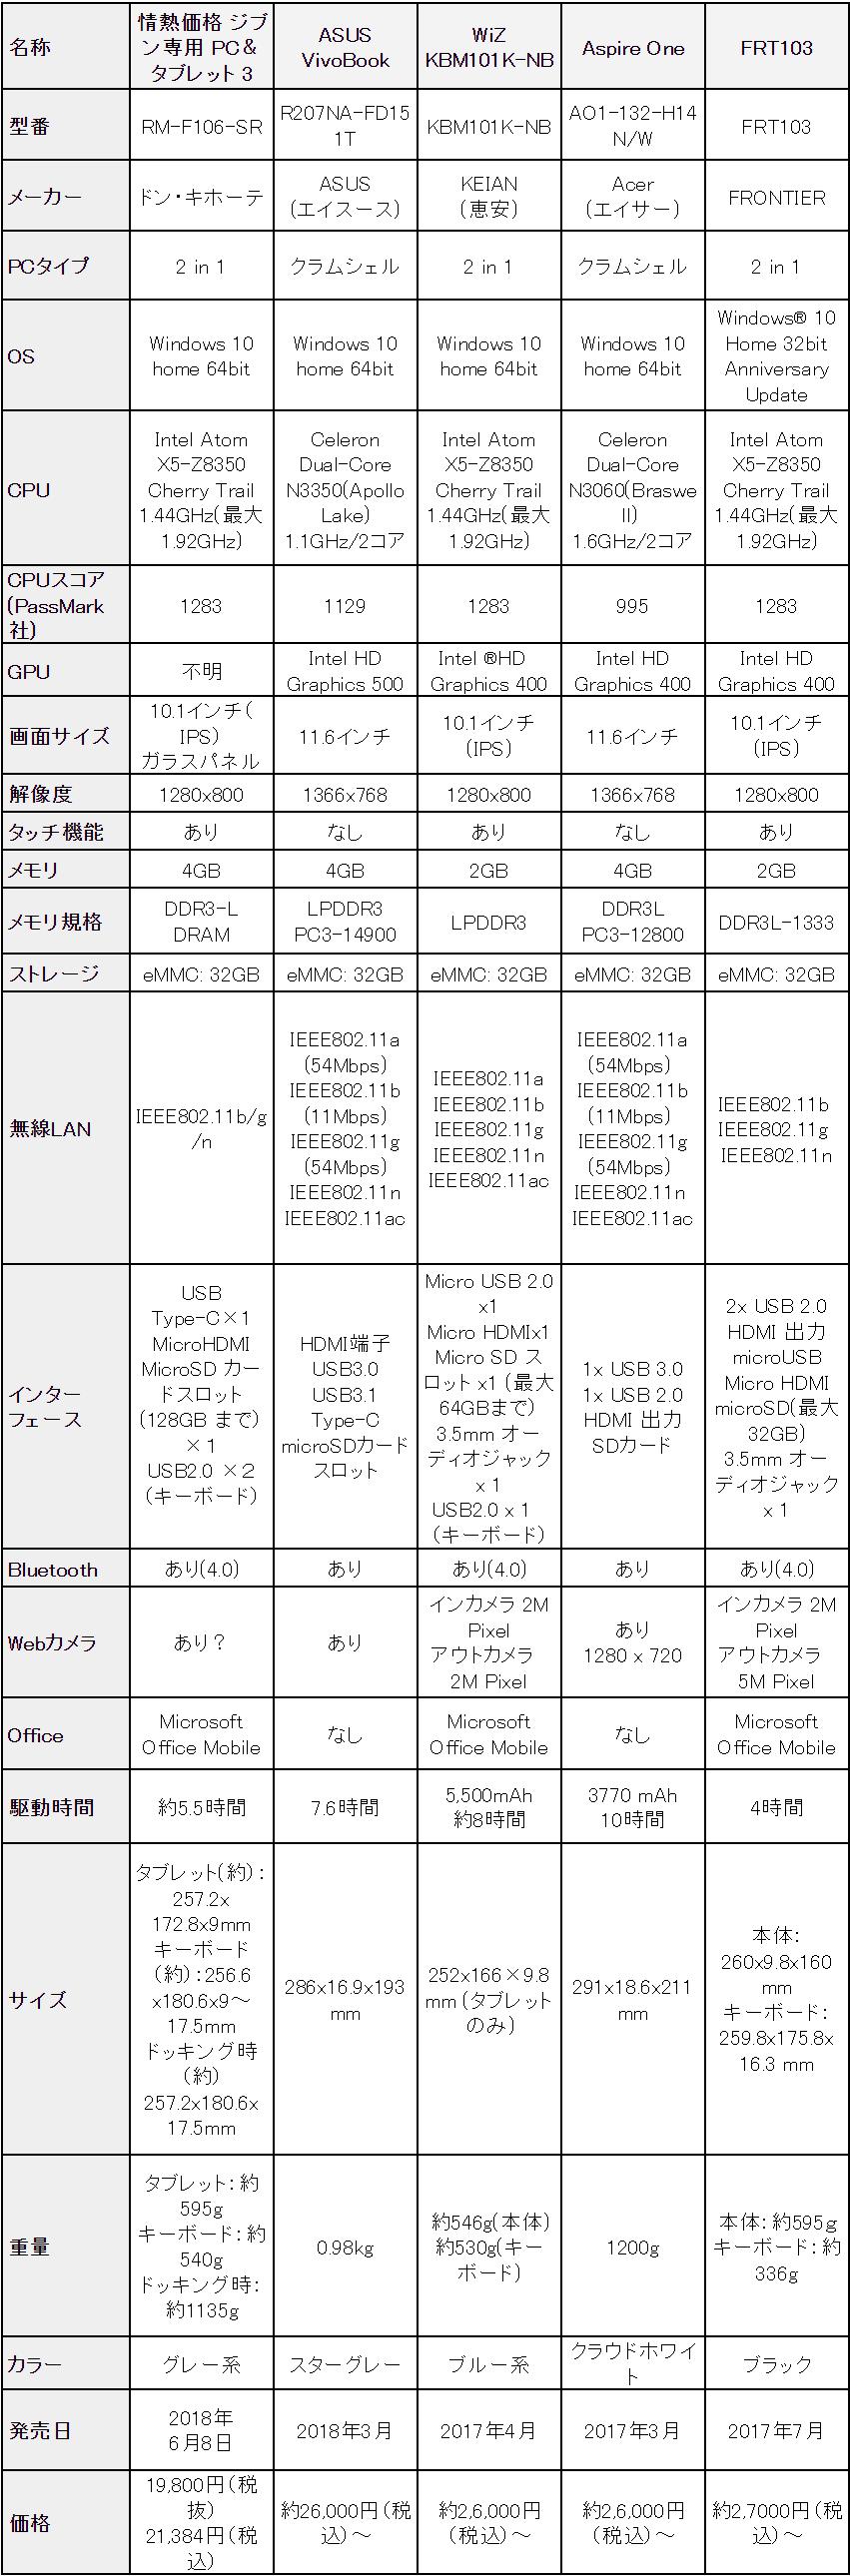 f:id:sora-no-color:20180526002519p:plain